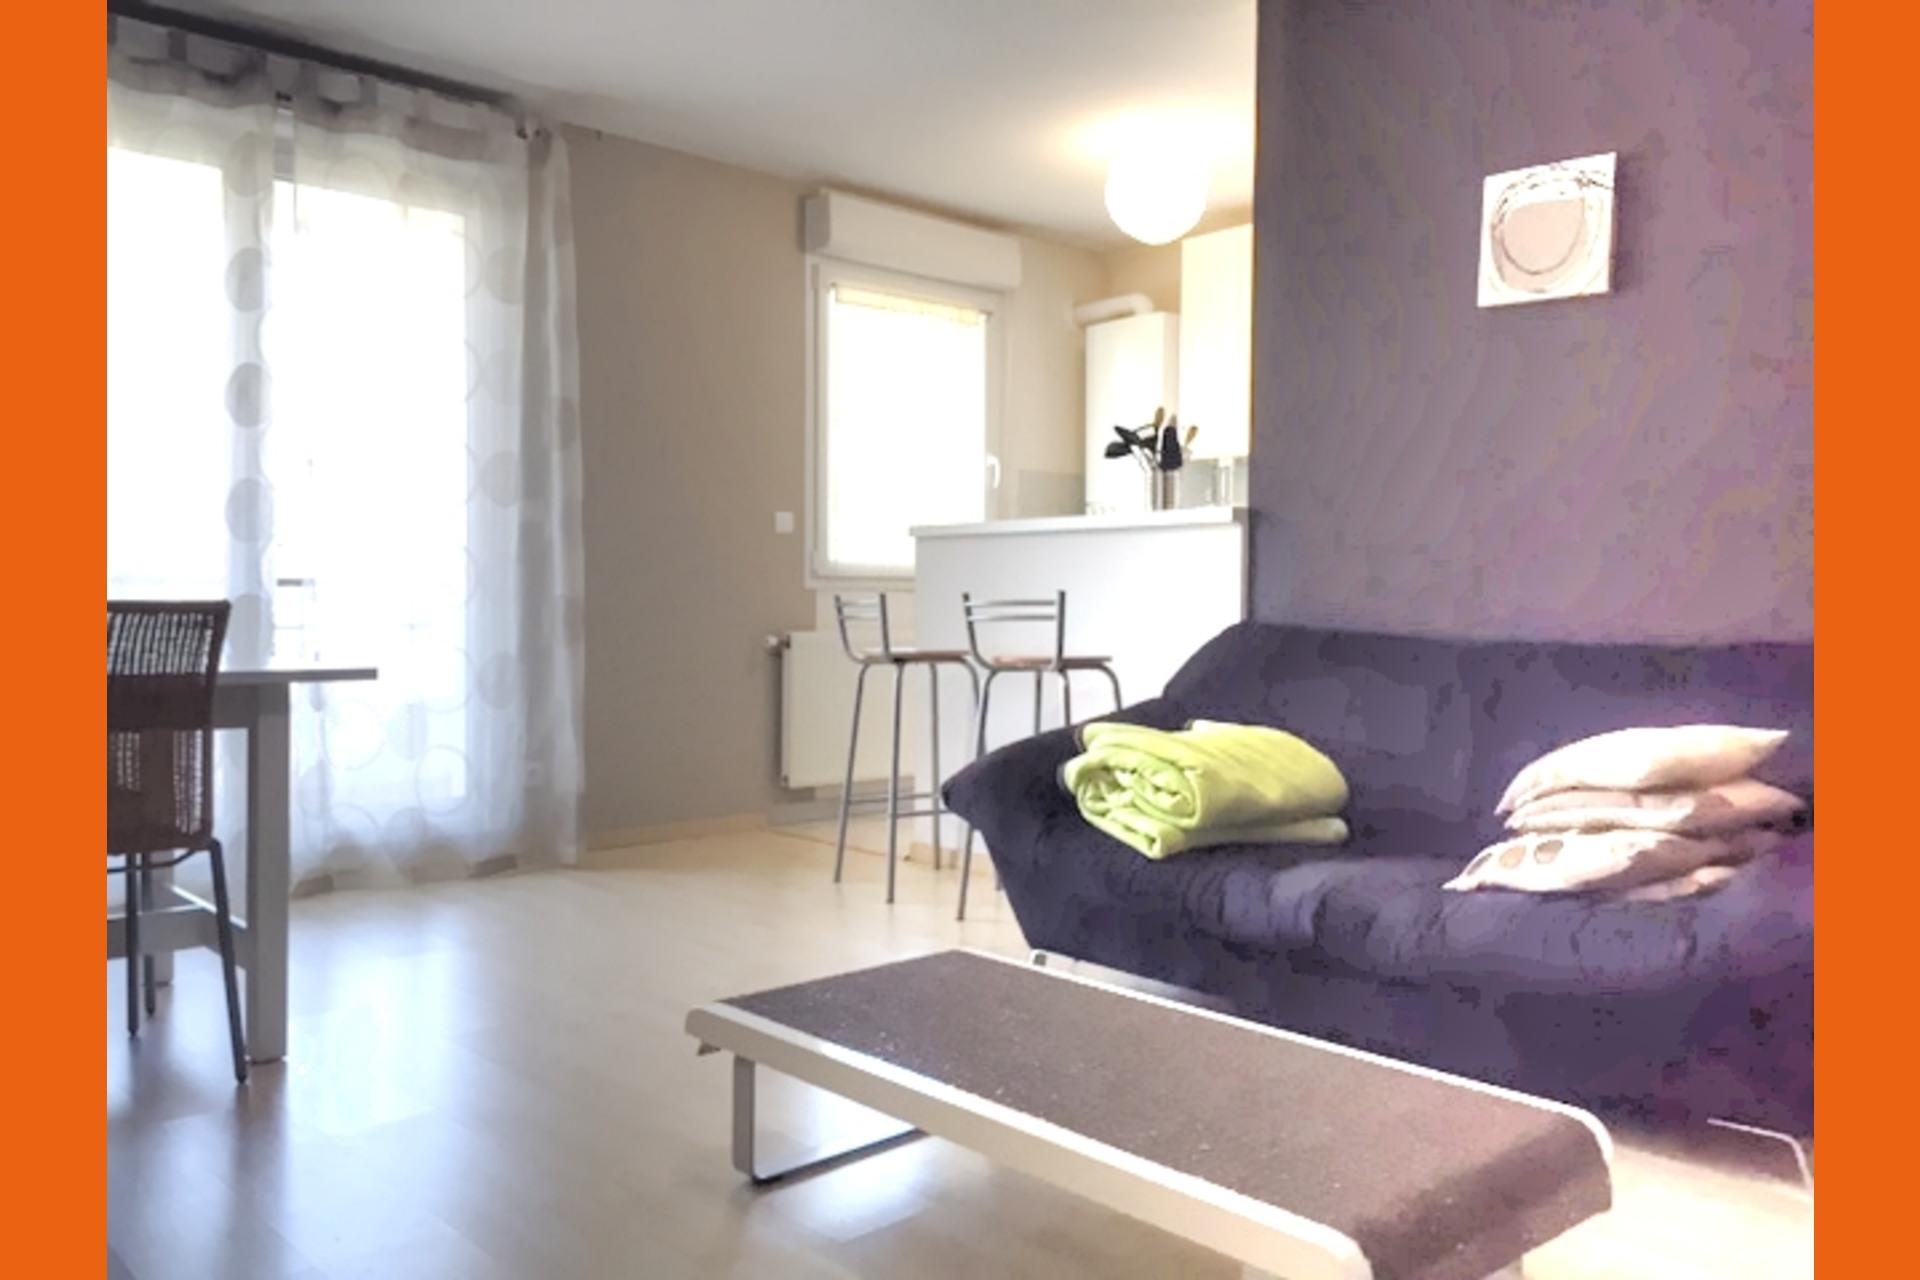 image 2 - Appartement À louer Moulins-lès-Metz - 2 pièces